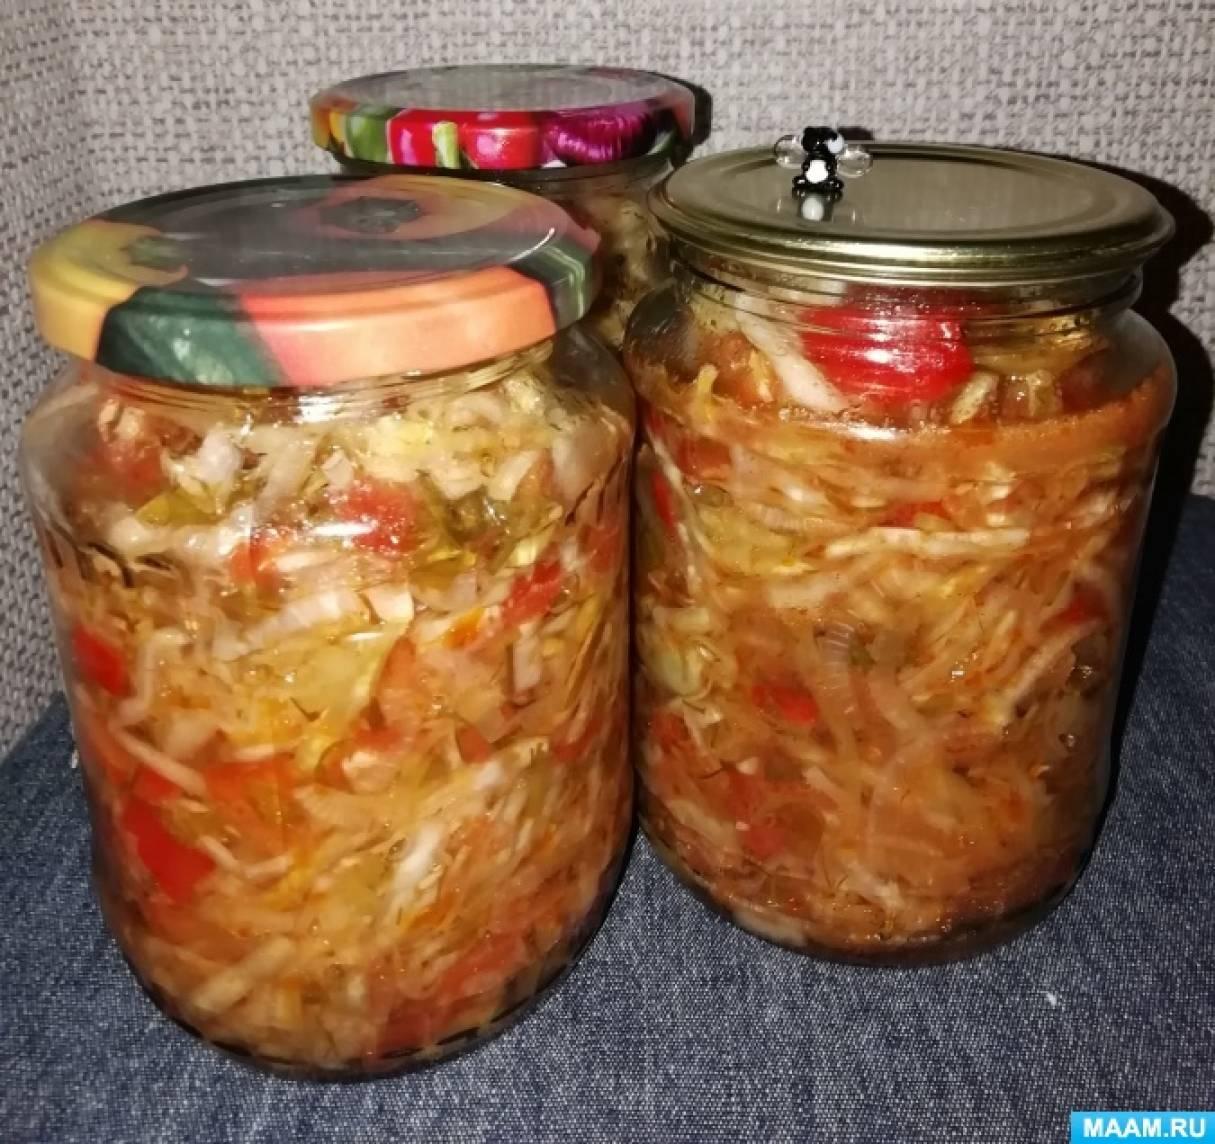 салат кубанский на зиму рецепты с фото тем менее